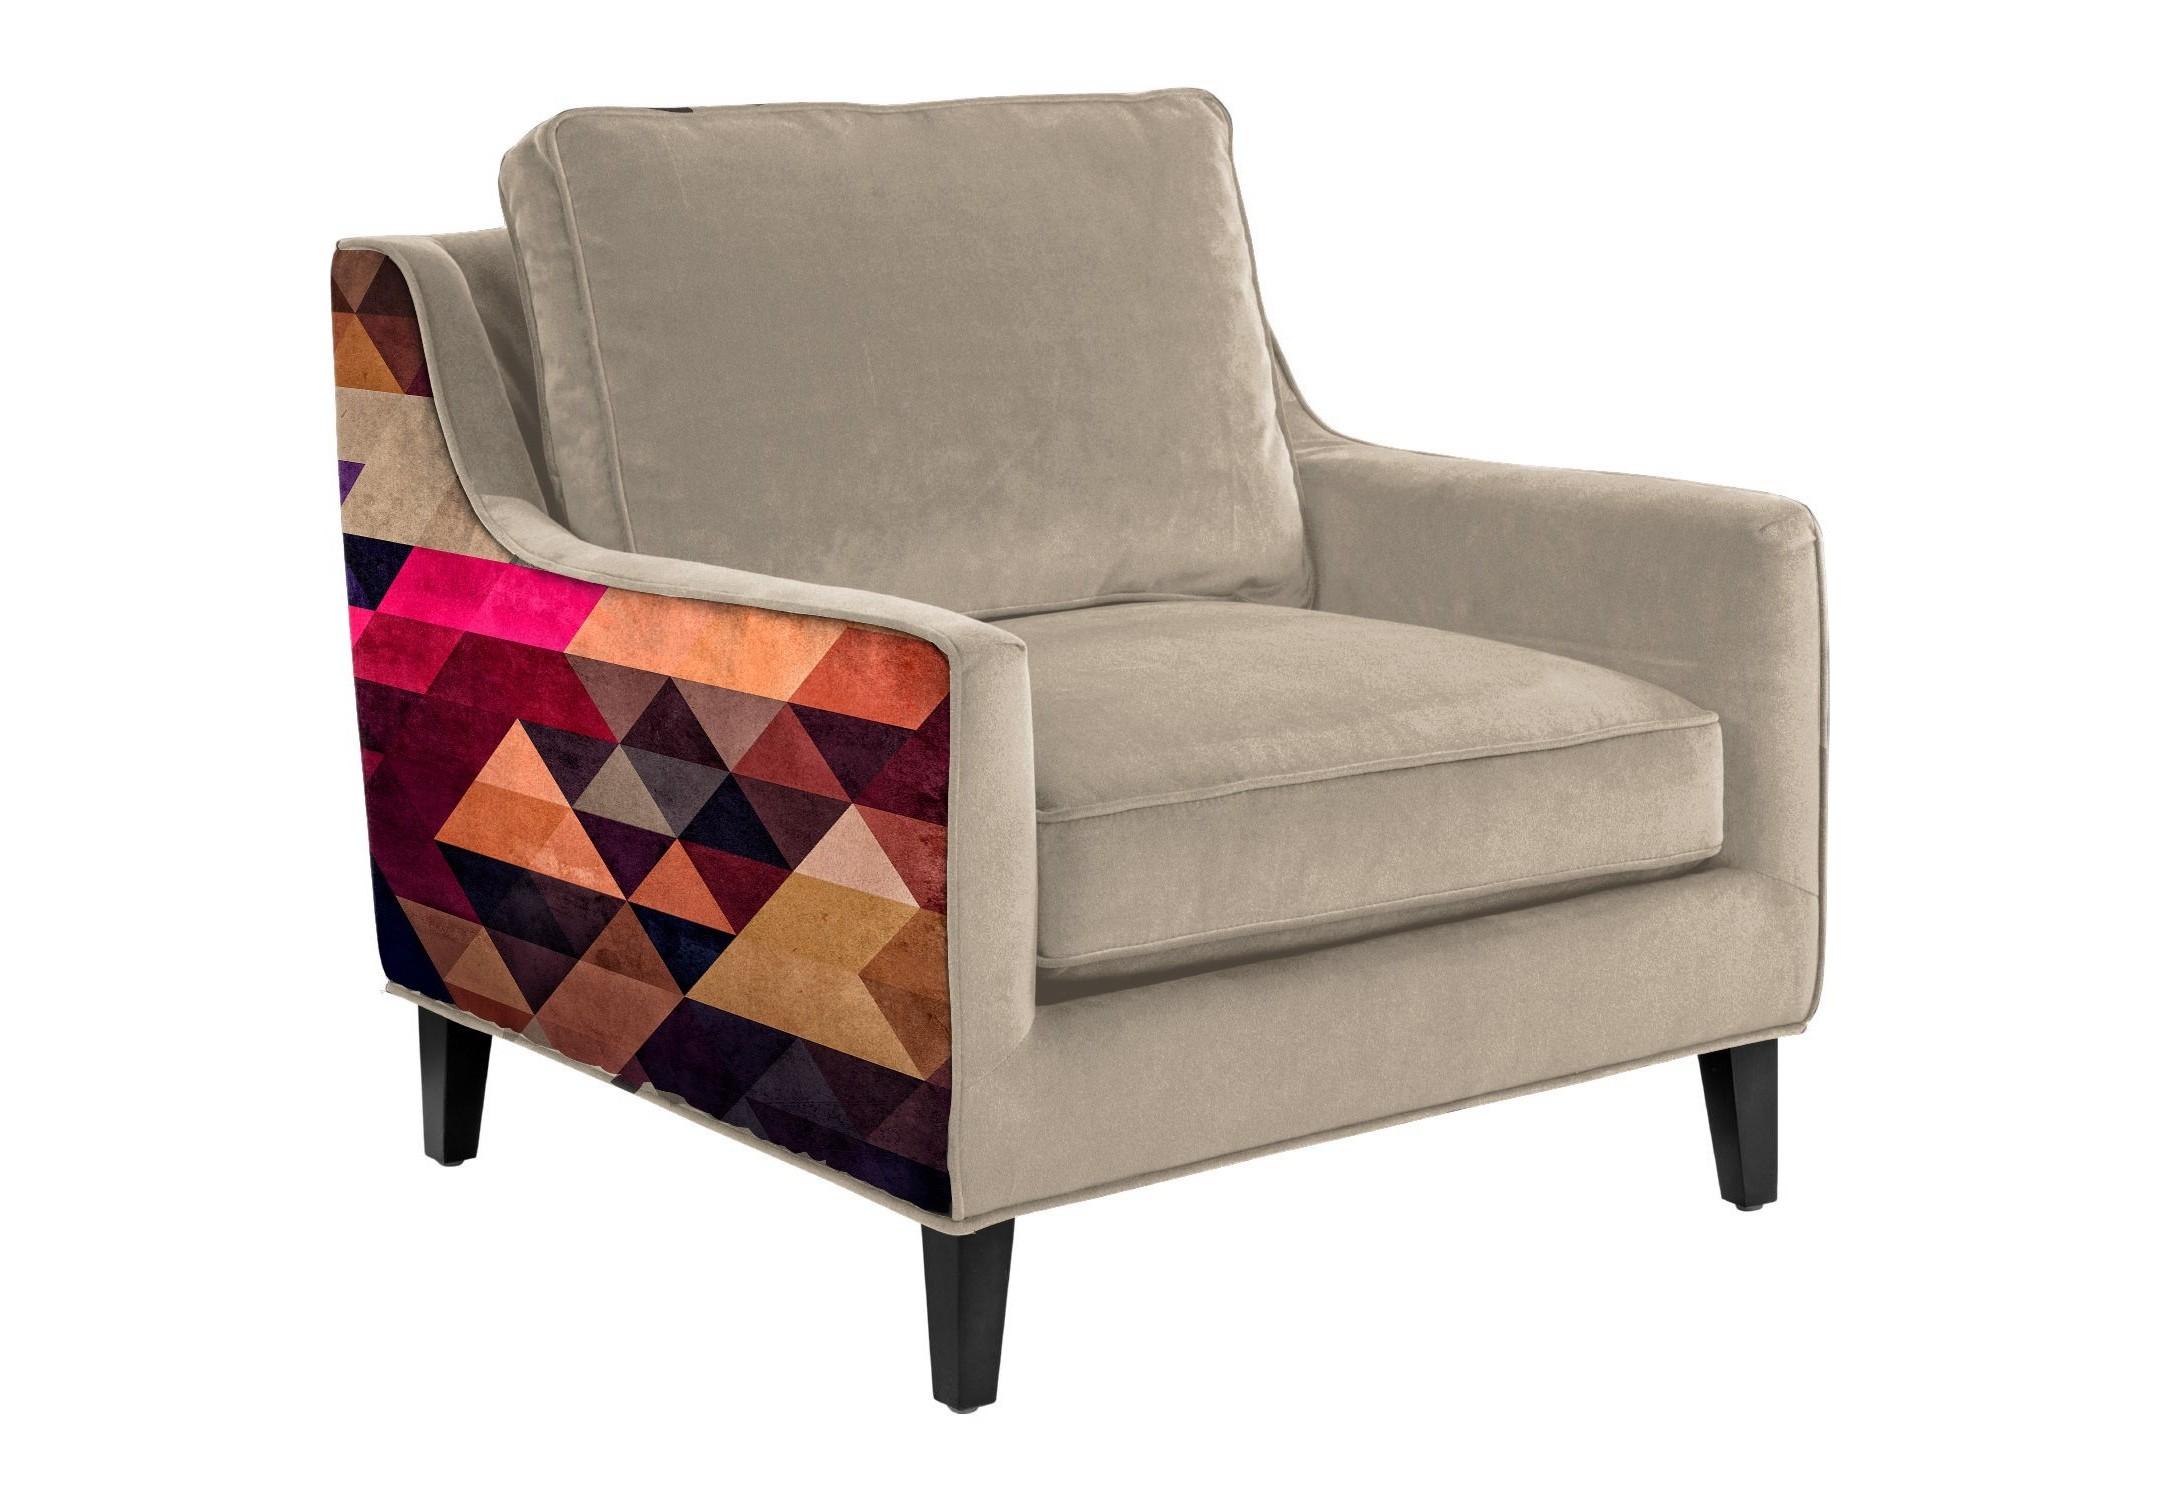 Кресло TriangleИнтерьерные кресла<br>Уникальный дизайн.  Кресло с принтом одного из талантливейших художников- иллюстраторов Джеймса Соареса. Отличительная черта американского художника это абстрактный графический дизайн с сочетанием множества оттенков. Украсит любой интерьер.&amp;amp;nbsp;&amp;lt;div&amp;gt;&amp;lt;br&amp;gt;&amp;lt;/div&amp;gt;&amp;lt;div&amp;gt;Произведено из экологически чистых материалов.&amp;amp;nbsp;&amp;lt;/div&amp;gt;&amp;lt;div&amp;gt;Варианты исполнения: <br>По желанию возможность выбрать ткань из других коллекций.&amp;amp;nbsp;&amp;lt;div&amp;gt;Гарантия: от производителя 1 год.&amp;lt;/div&amp;gt;&amp;lt;div&amp;gt;Материалы: дуб, текстиль.&amp;amp;nbsp;&amp;lt;/div&amp;gt;&amp;lt;div&amp;gt;Более точную информацию уточняйте у менеджера.&amp;lt;/div&amp;gt;&amp;lt;/div&amp;gt;<br><br>Material: Текстиль<br>Length см: None<br>Width см: 90<br>Depth см: 95<br>Height см: 82